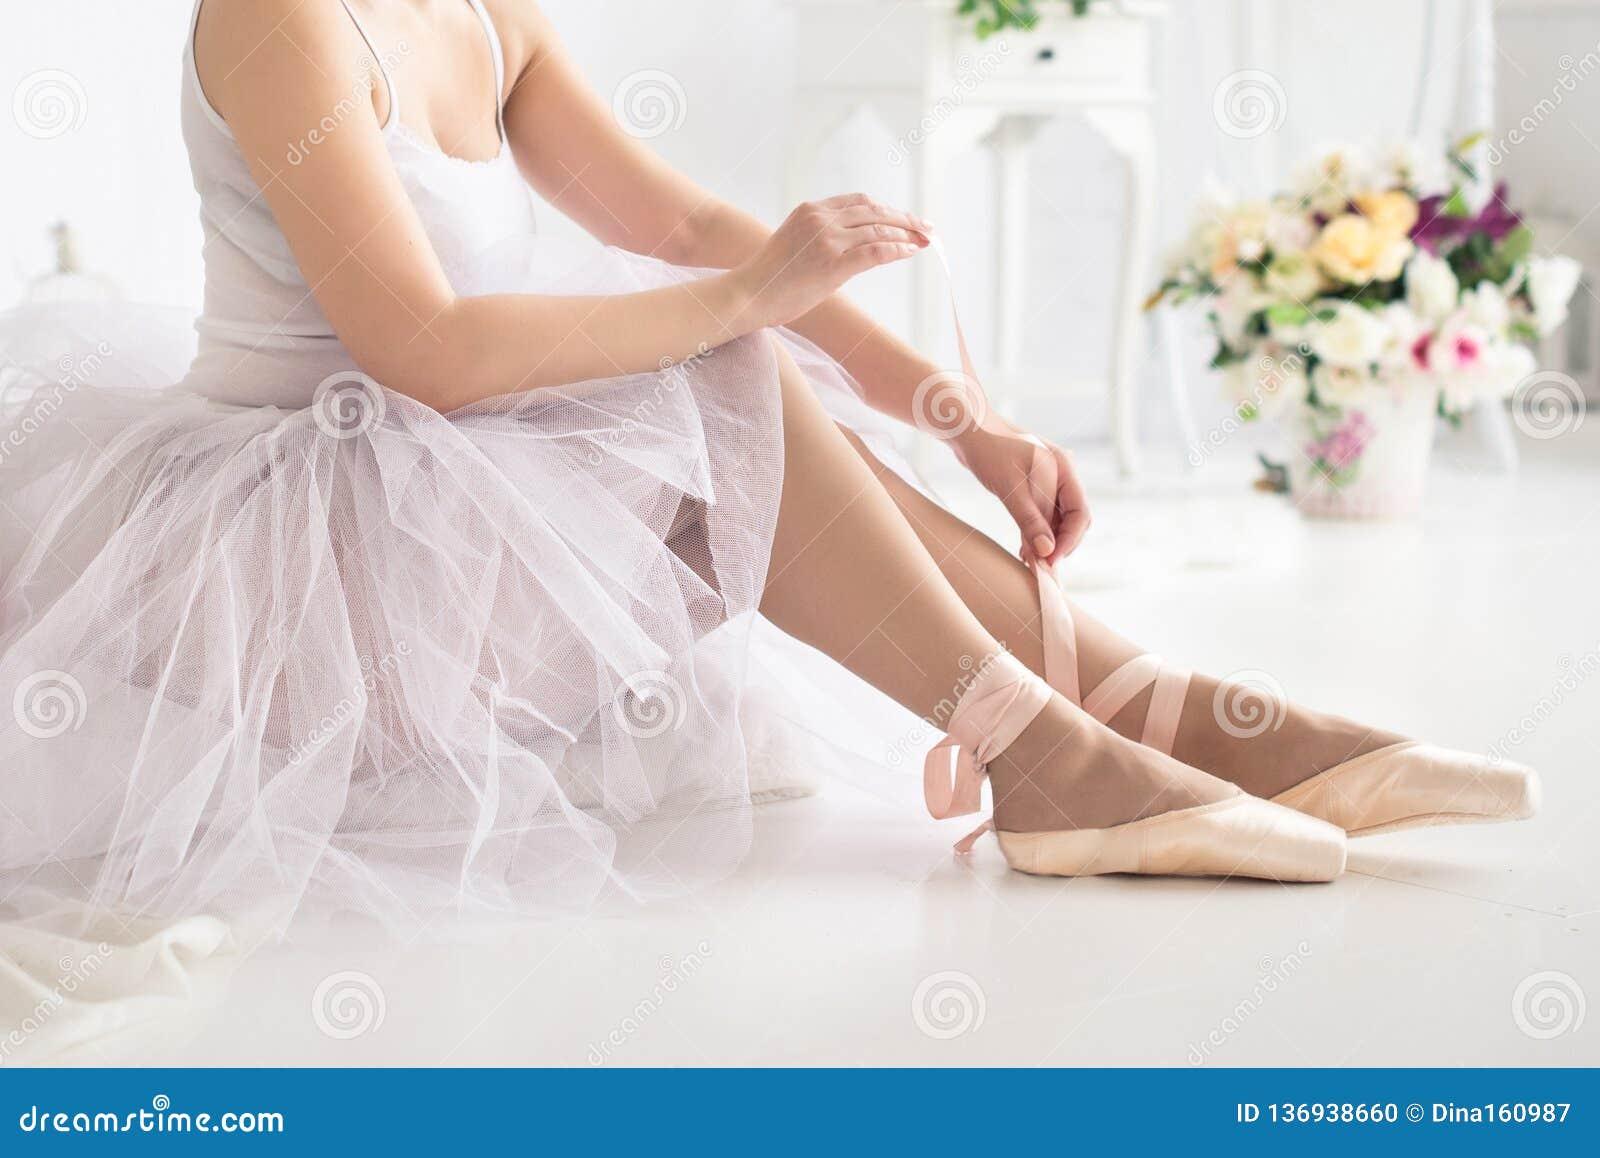 栓pointe芭蕾舞鞋的芭蕾舞女演员 关闭